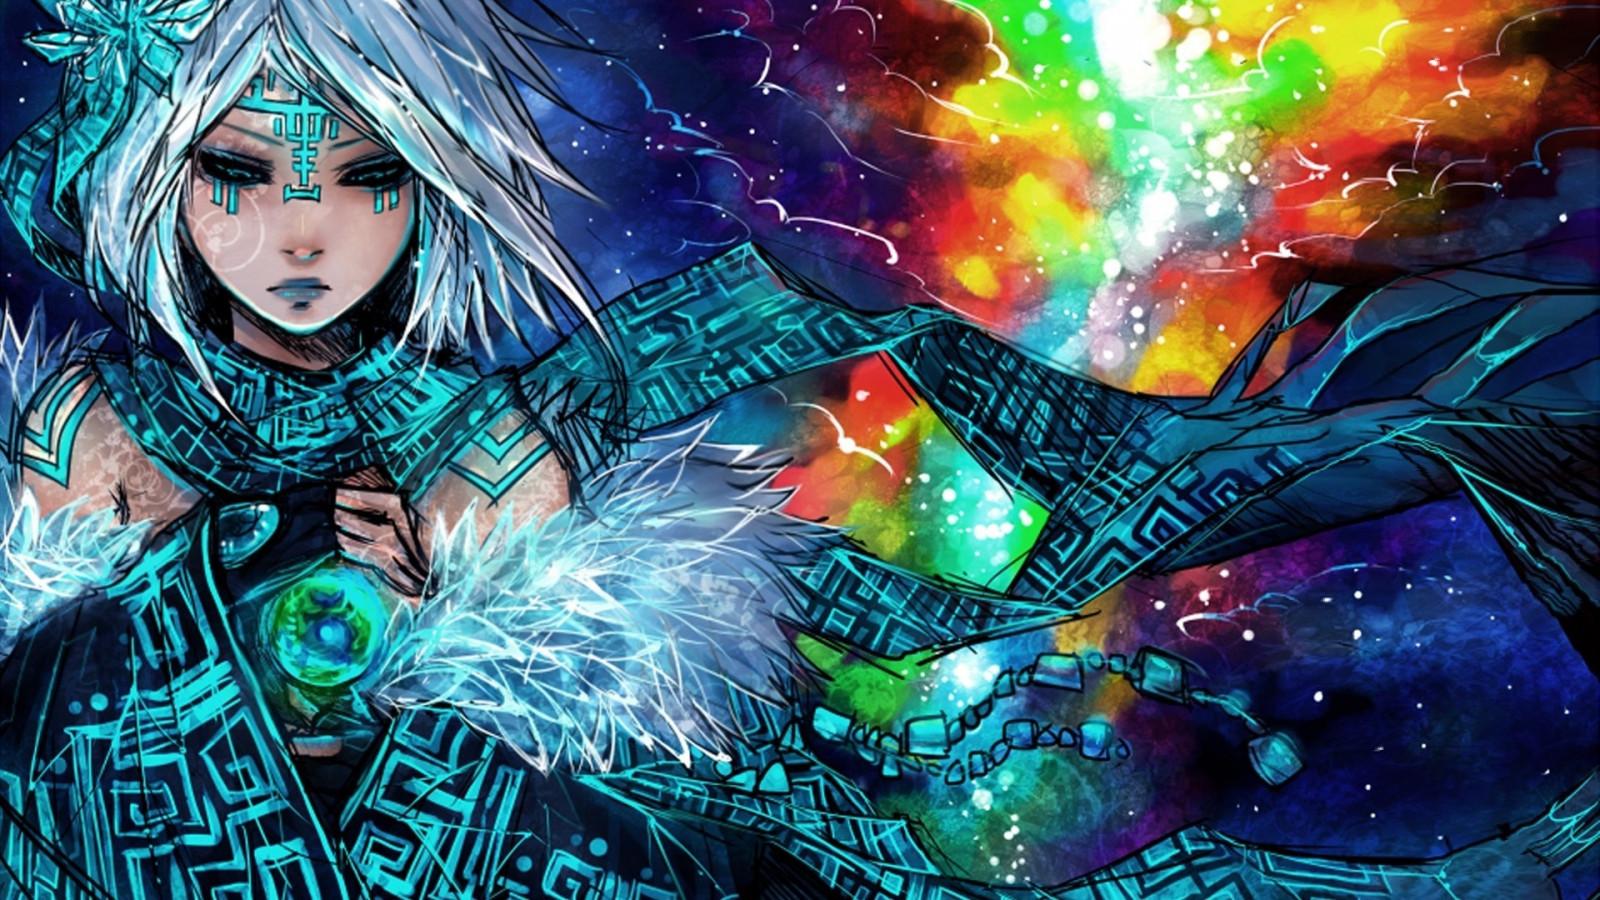 Fond d'écran : Anime, Filles anime 1920x1080 - kym3ra - 1322815 - Fond d'écran - WallHere